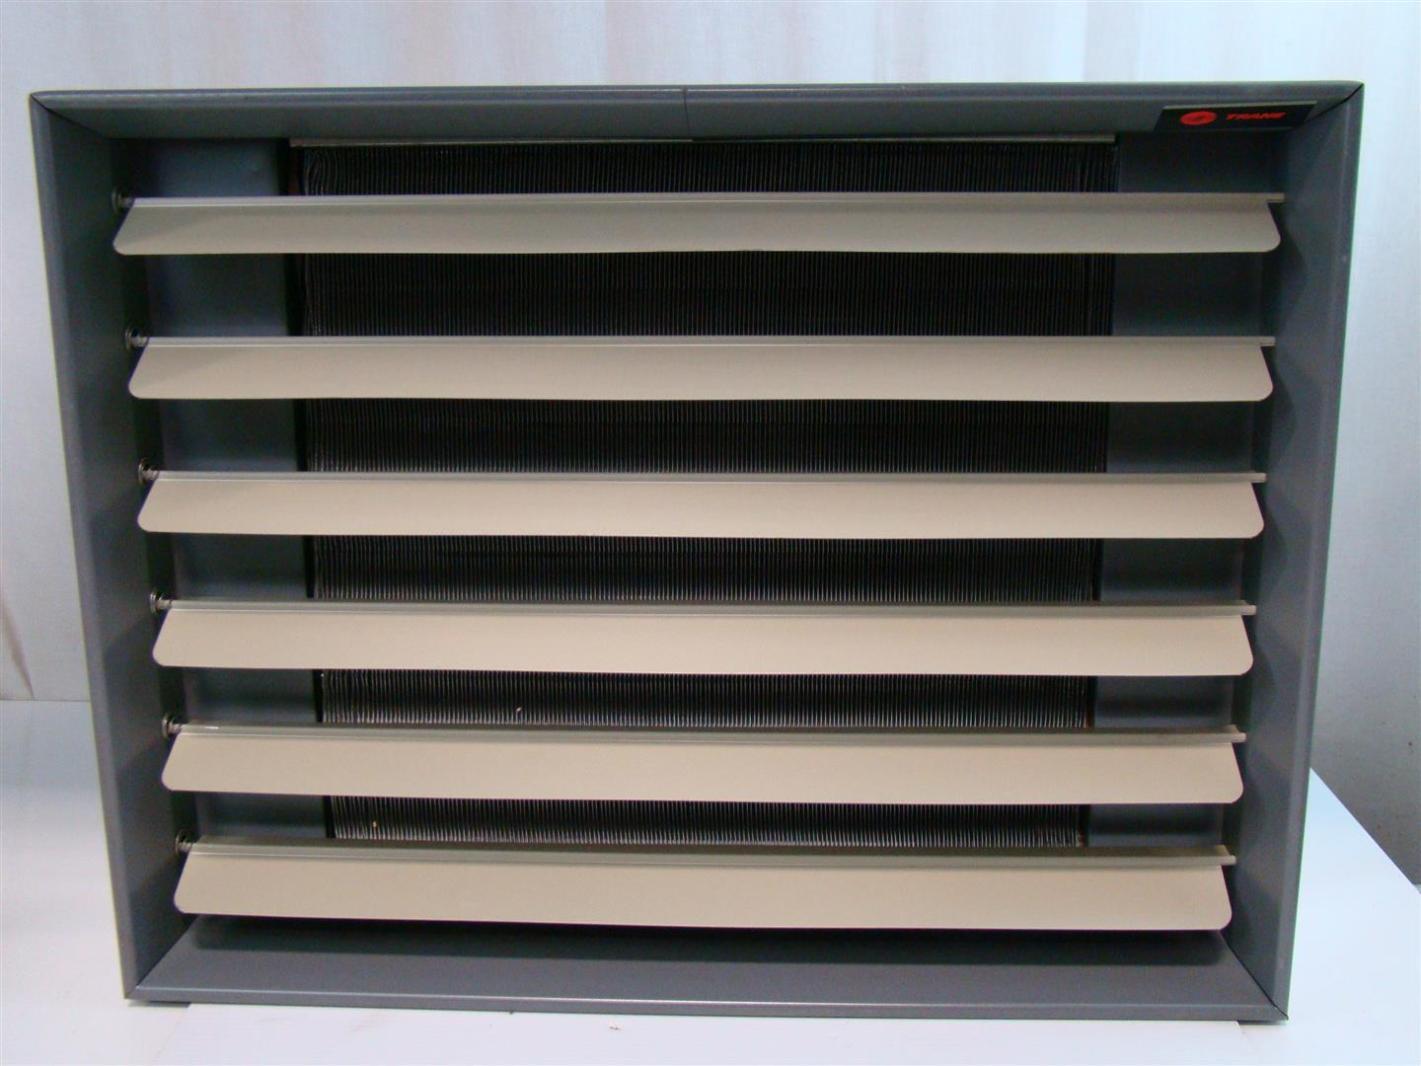 Trane Steam Cabinet Unit Heater | Centerfordemocracy.org